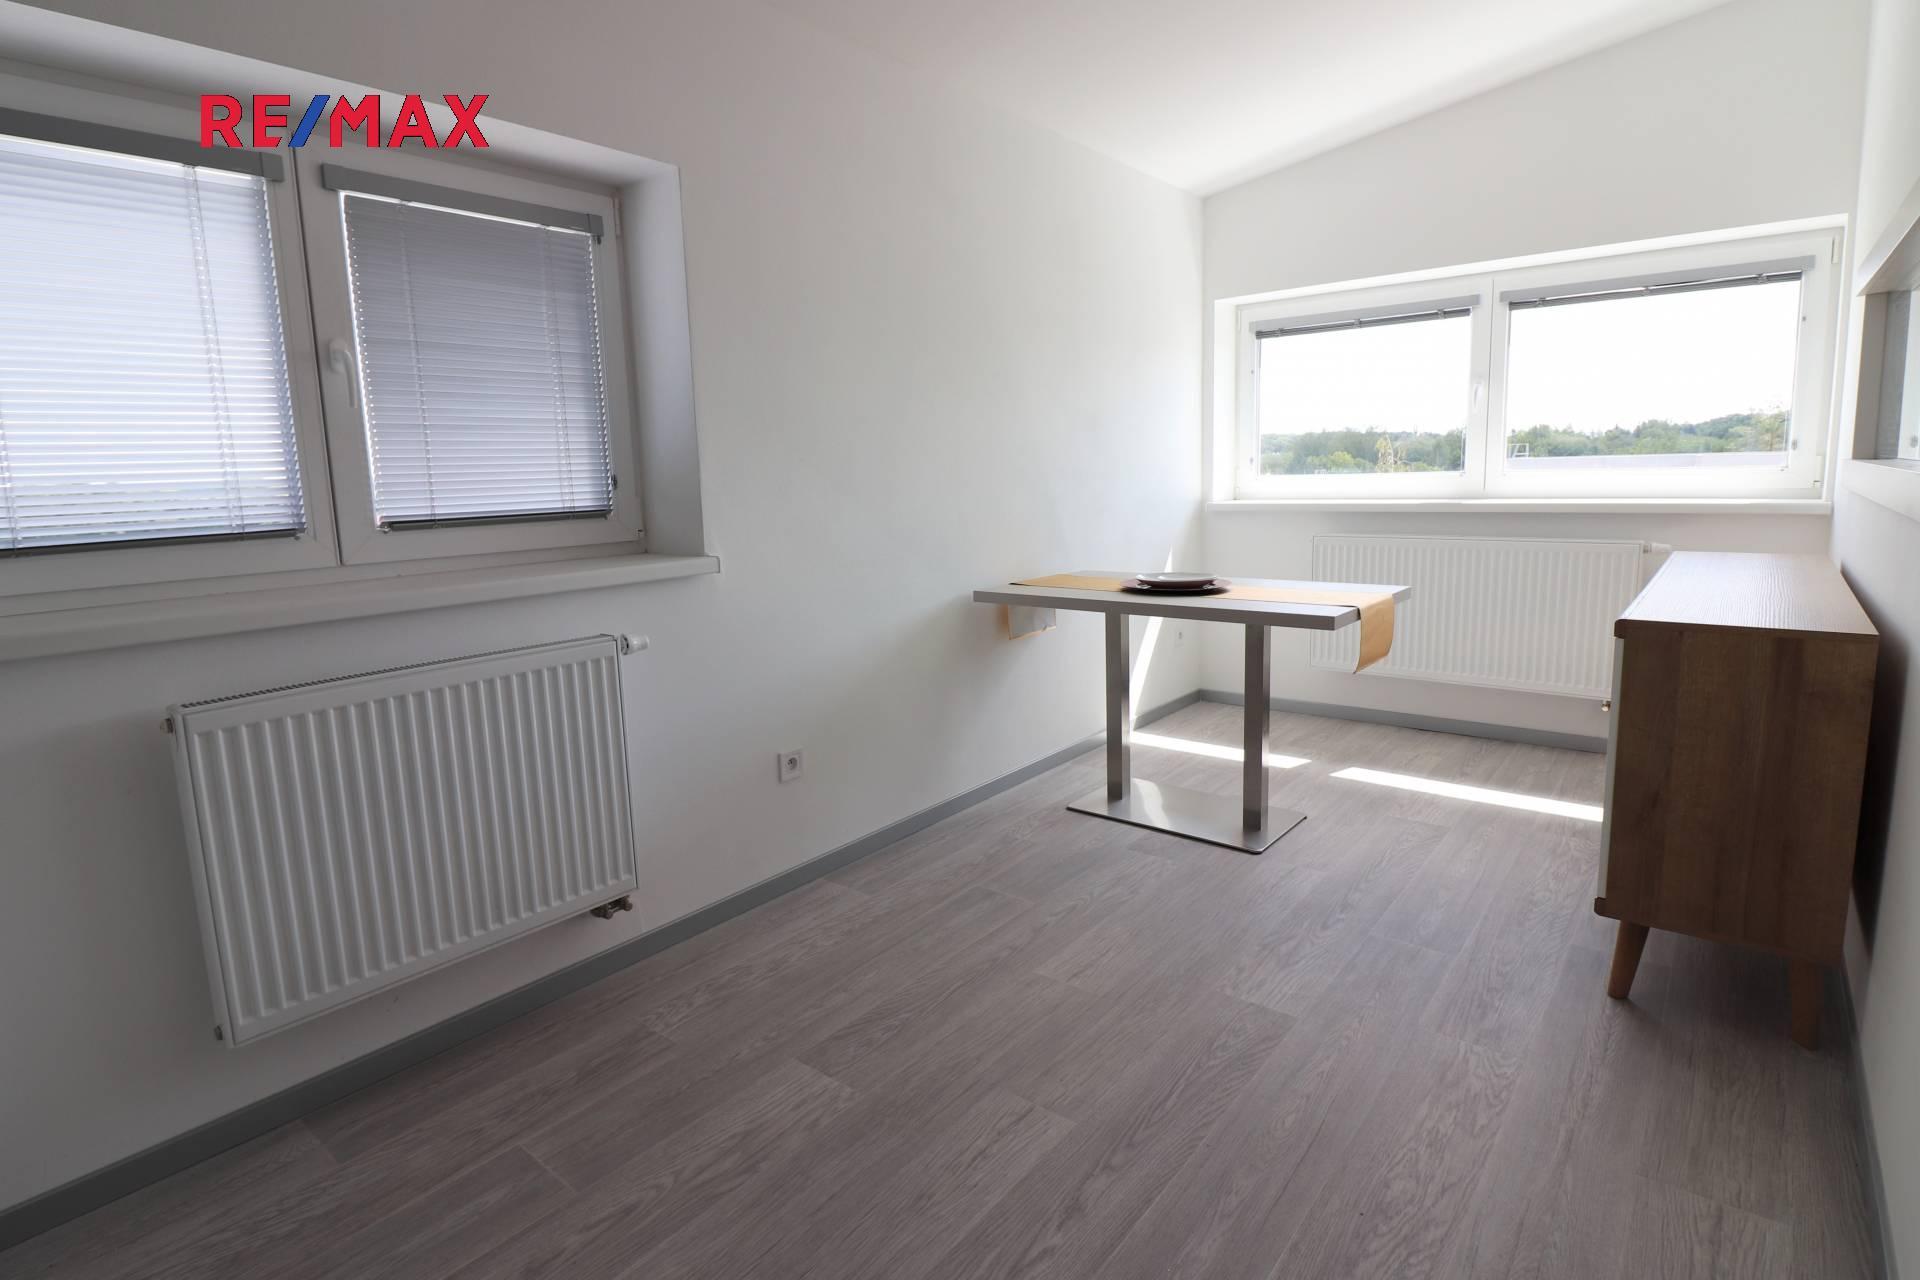 Pronájem kancelářských prostor 48 m², Praha 10 - Uhříněves